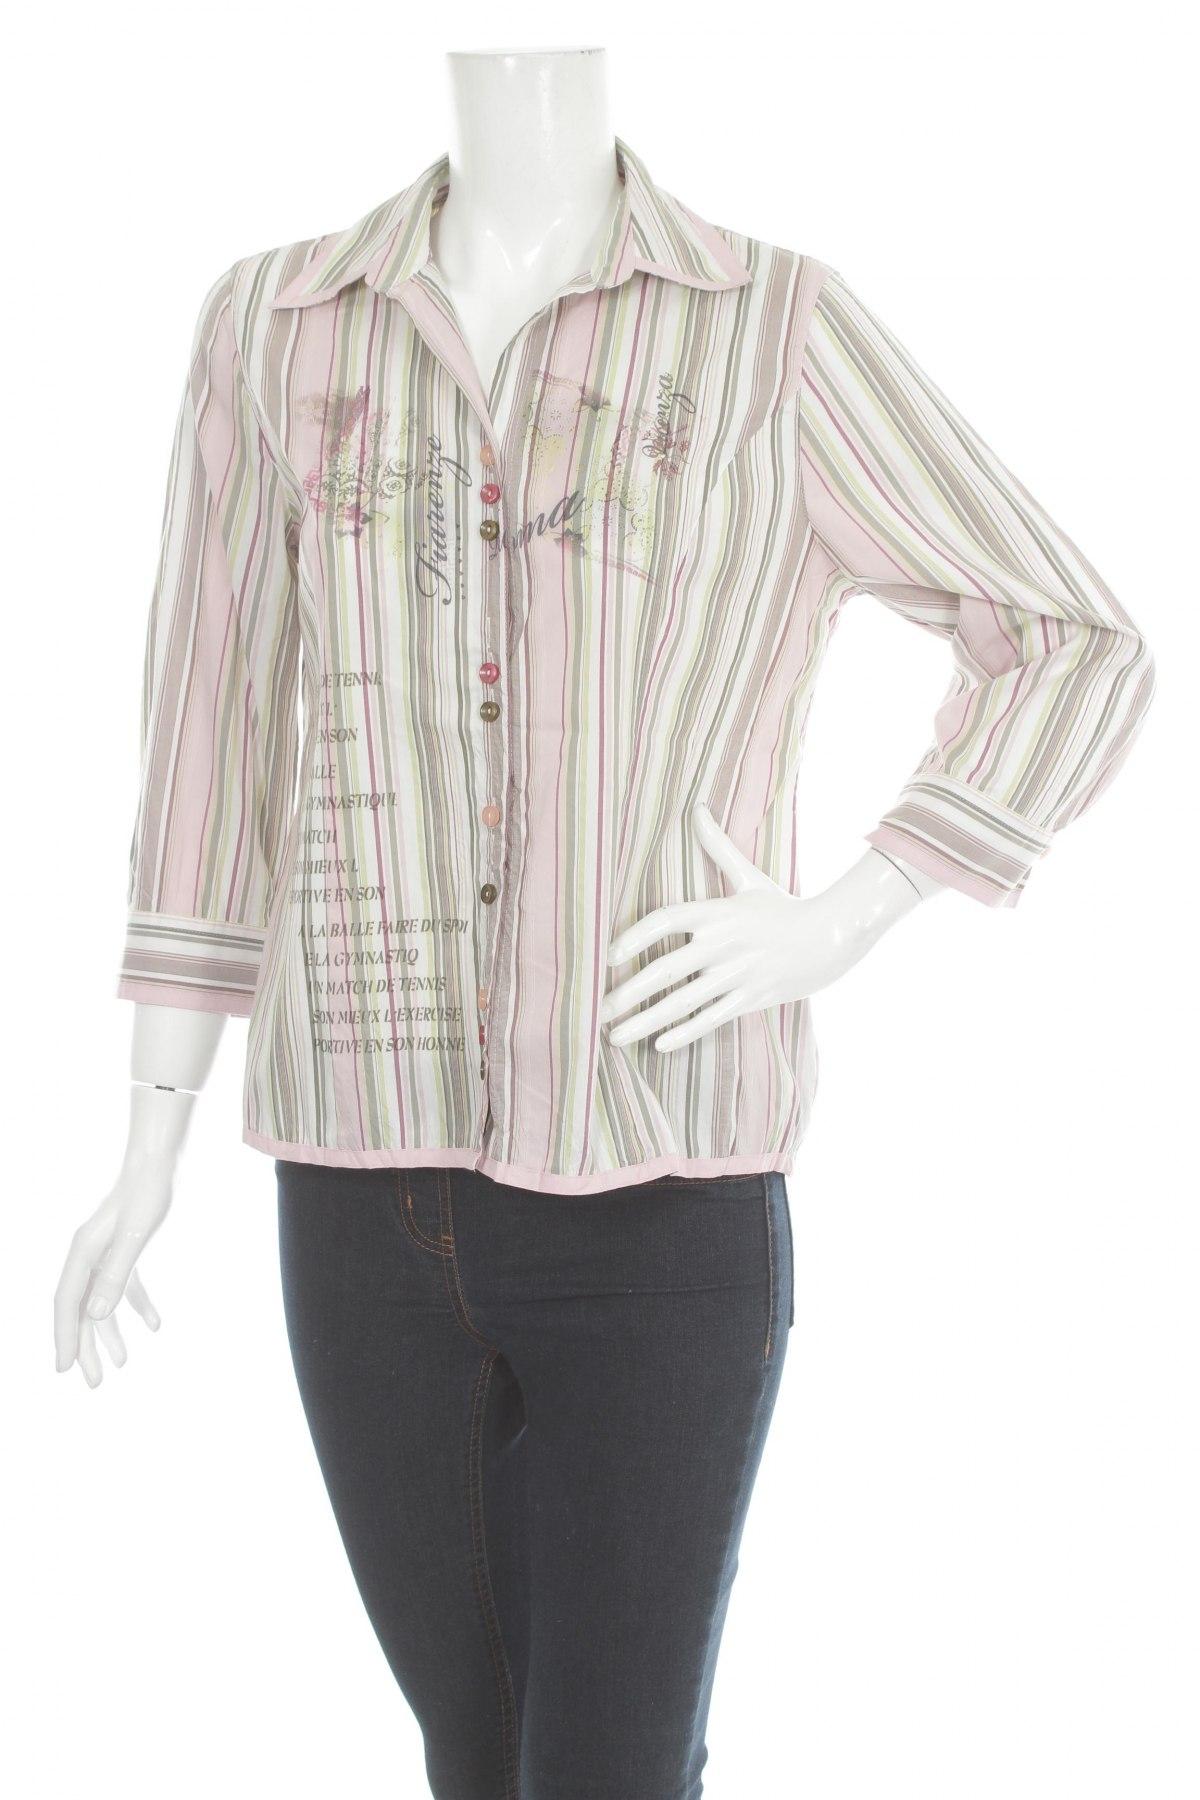 Γυναικείο πουκάμισο Bonita, Μέγεθος S, Χρώμα Πολύχρωμο, Τιμή 18,56€